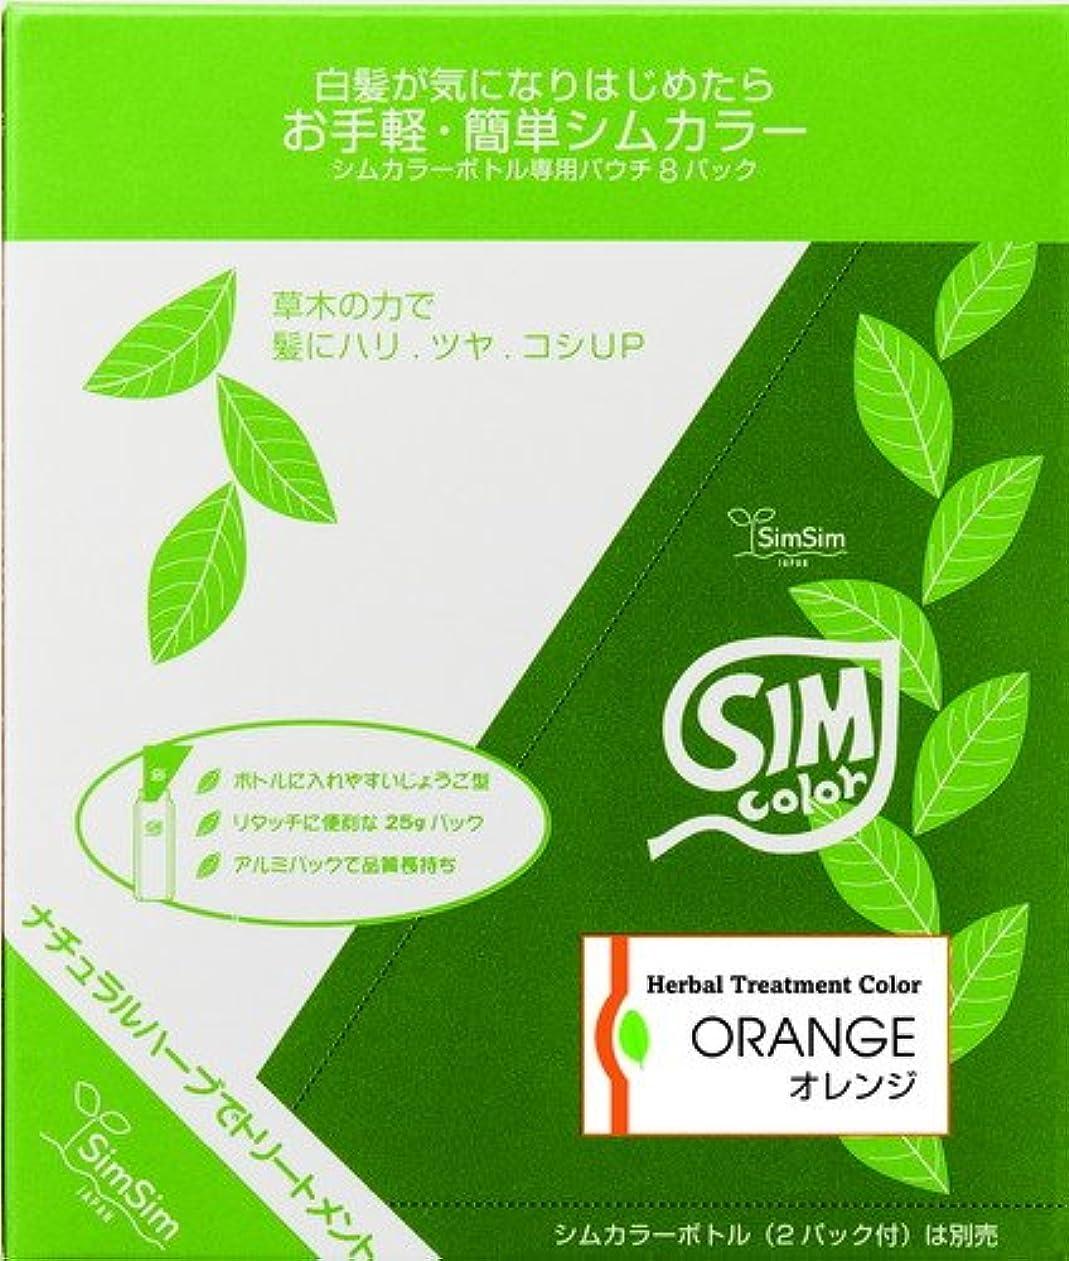 操る補足フットボールSimSim(シムシム)お手軽簡単シムカラーエクストラ(EX)25g 8袋 オレンジ